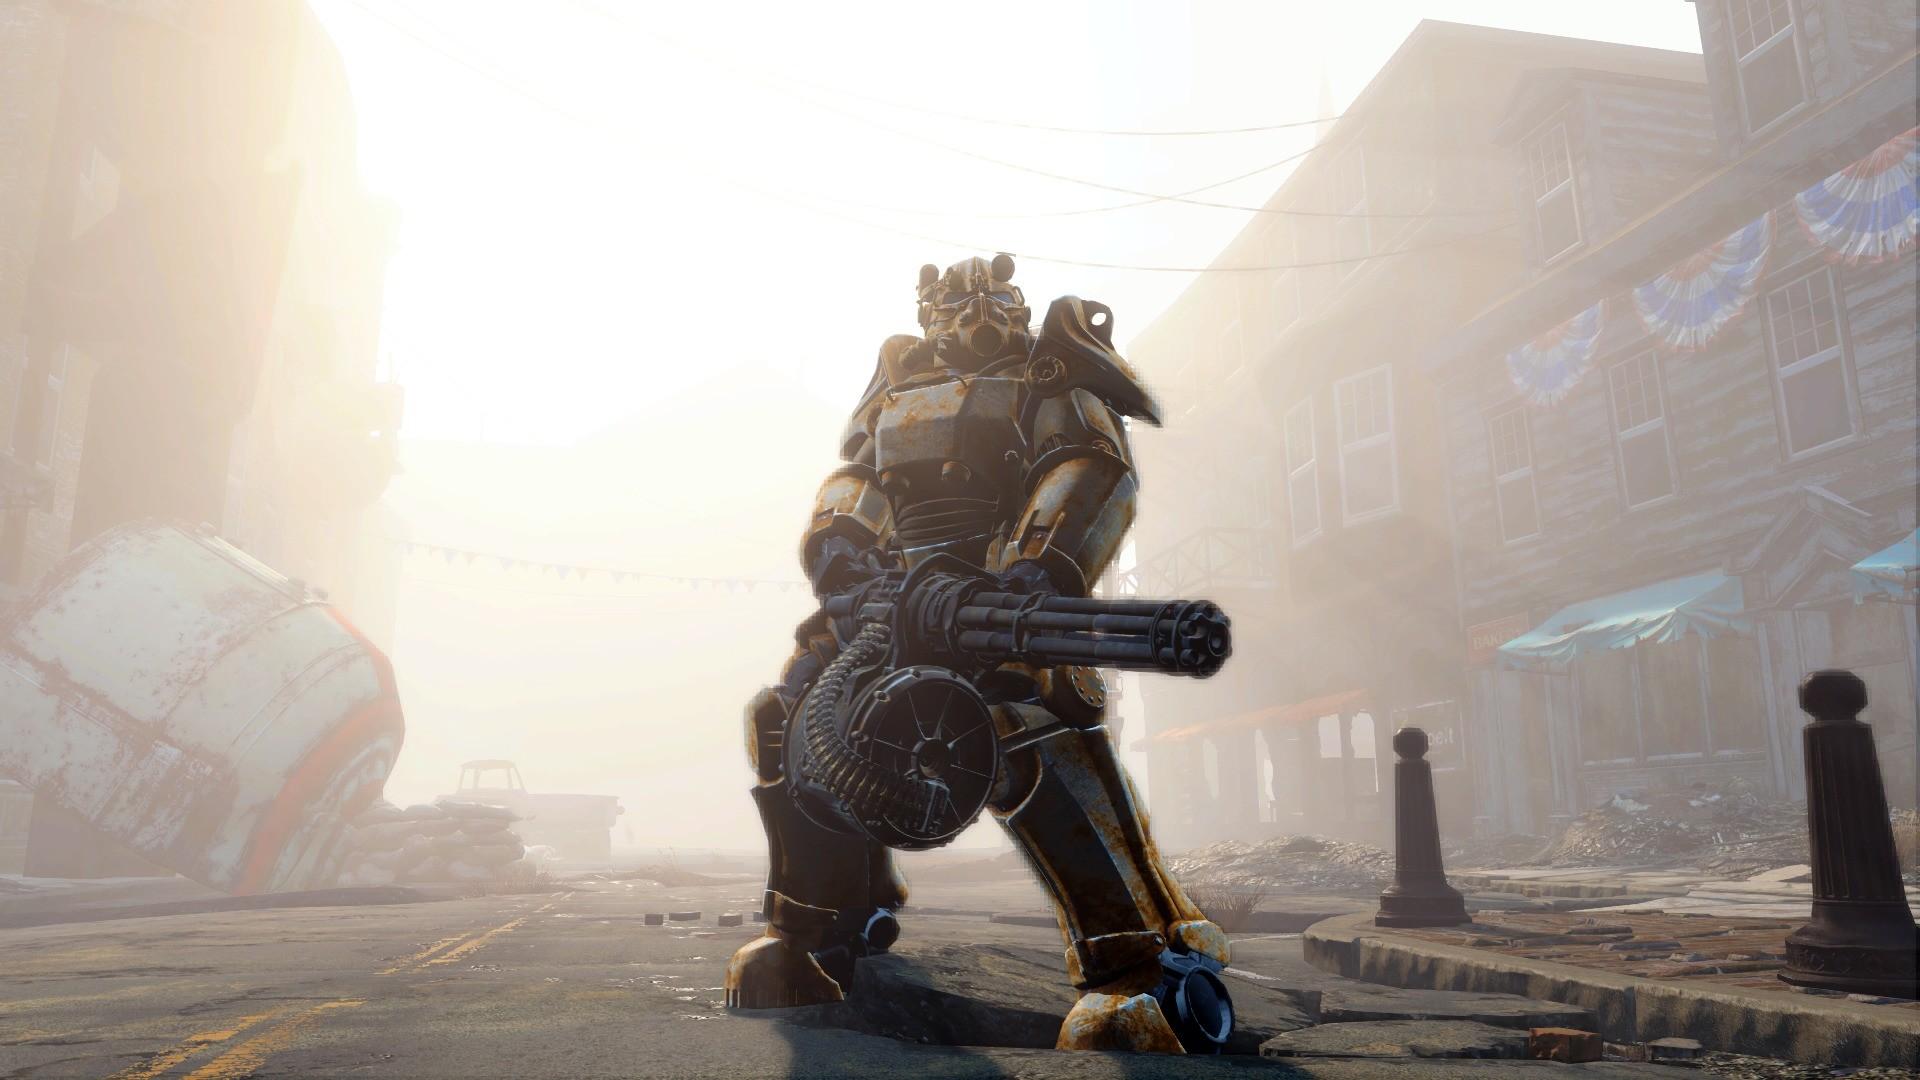 fallout-4-machine-gun-power-armor-street.jpg (1920×1080) | Computer Game  Wallpapers | Pinterest | Fallout, Wallpaper and Hd wallpaper